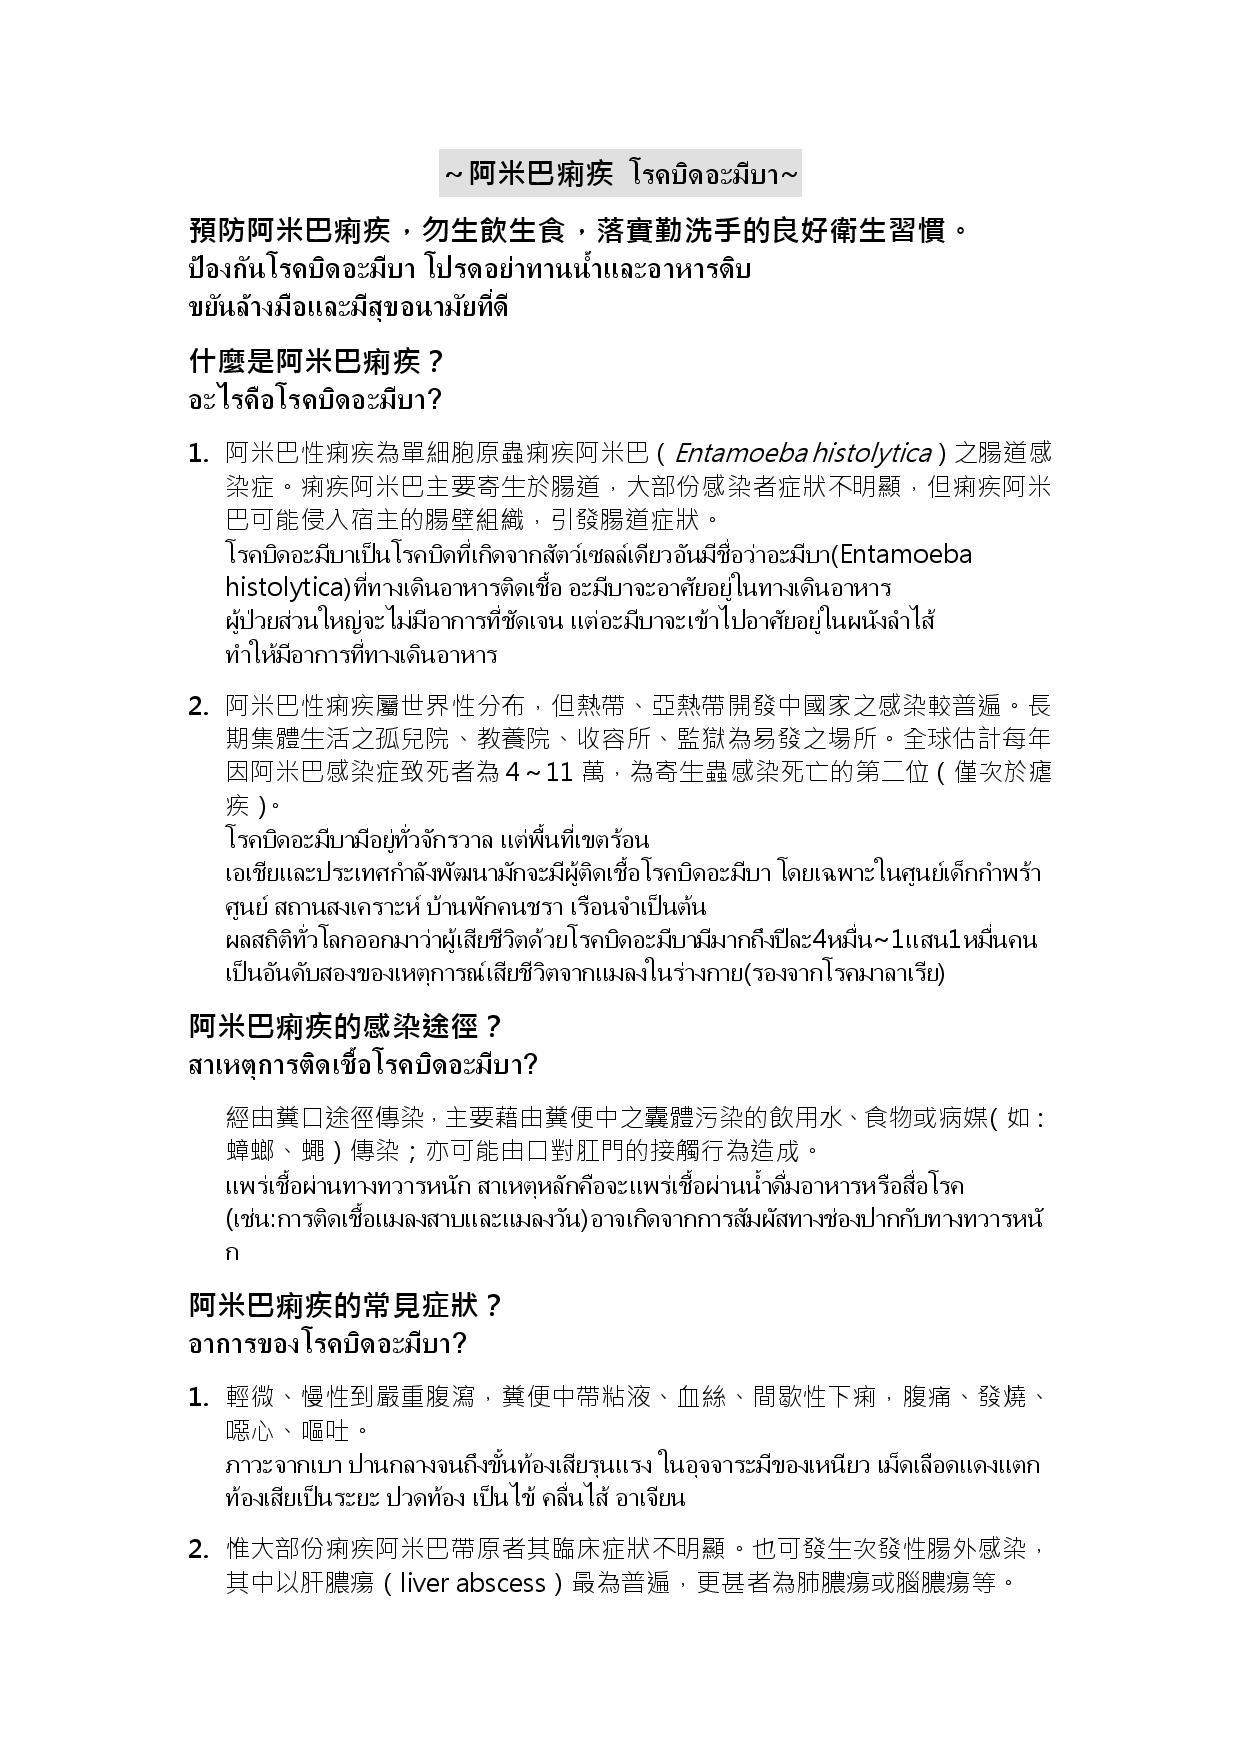 詳如附件【คลิก】ป้องกันโรคบิดอะมีบา(หน้า 1)預防阿米巴痢疾(泰文)